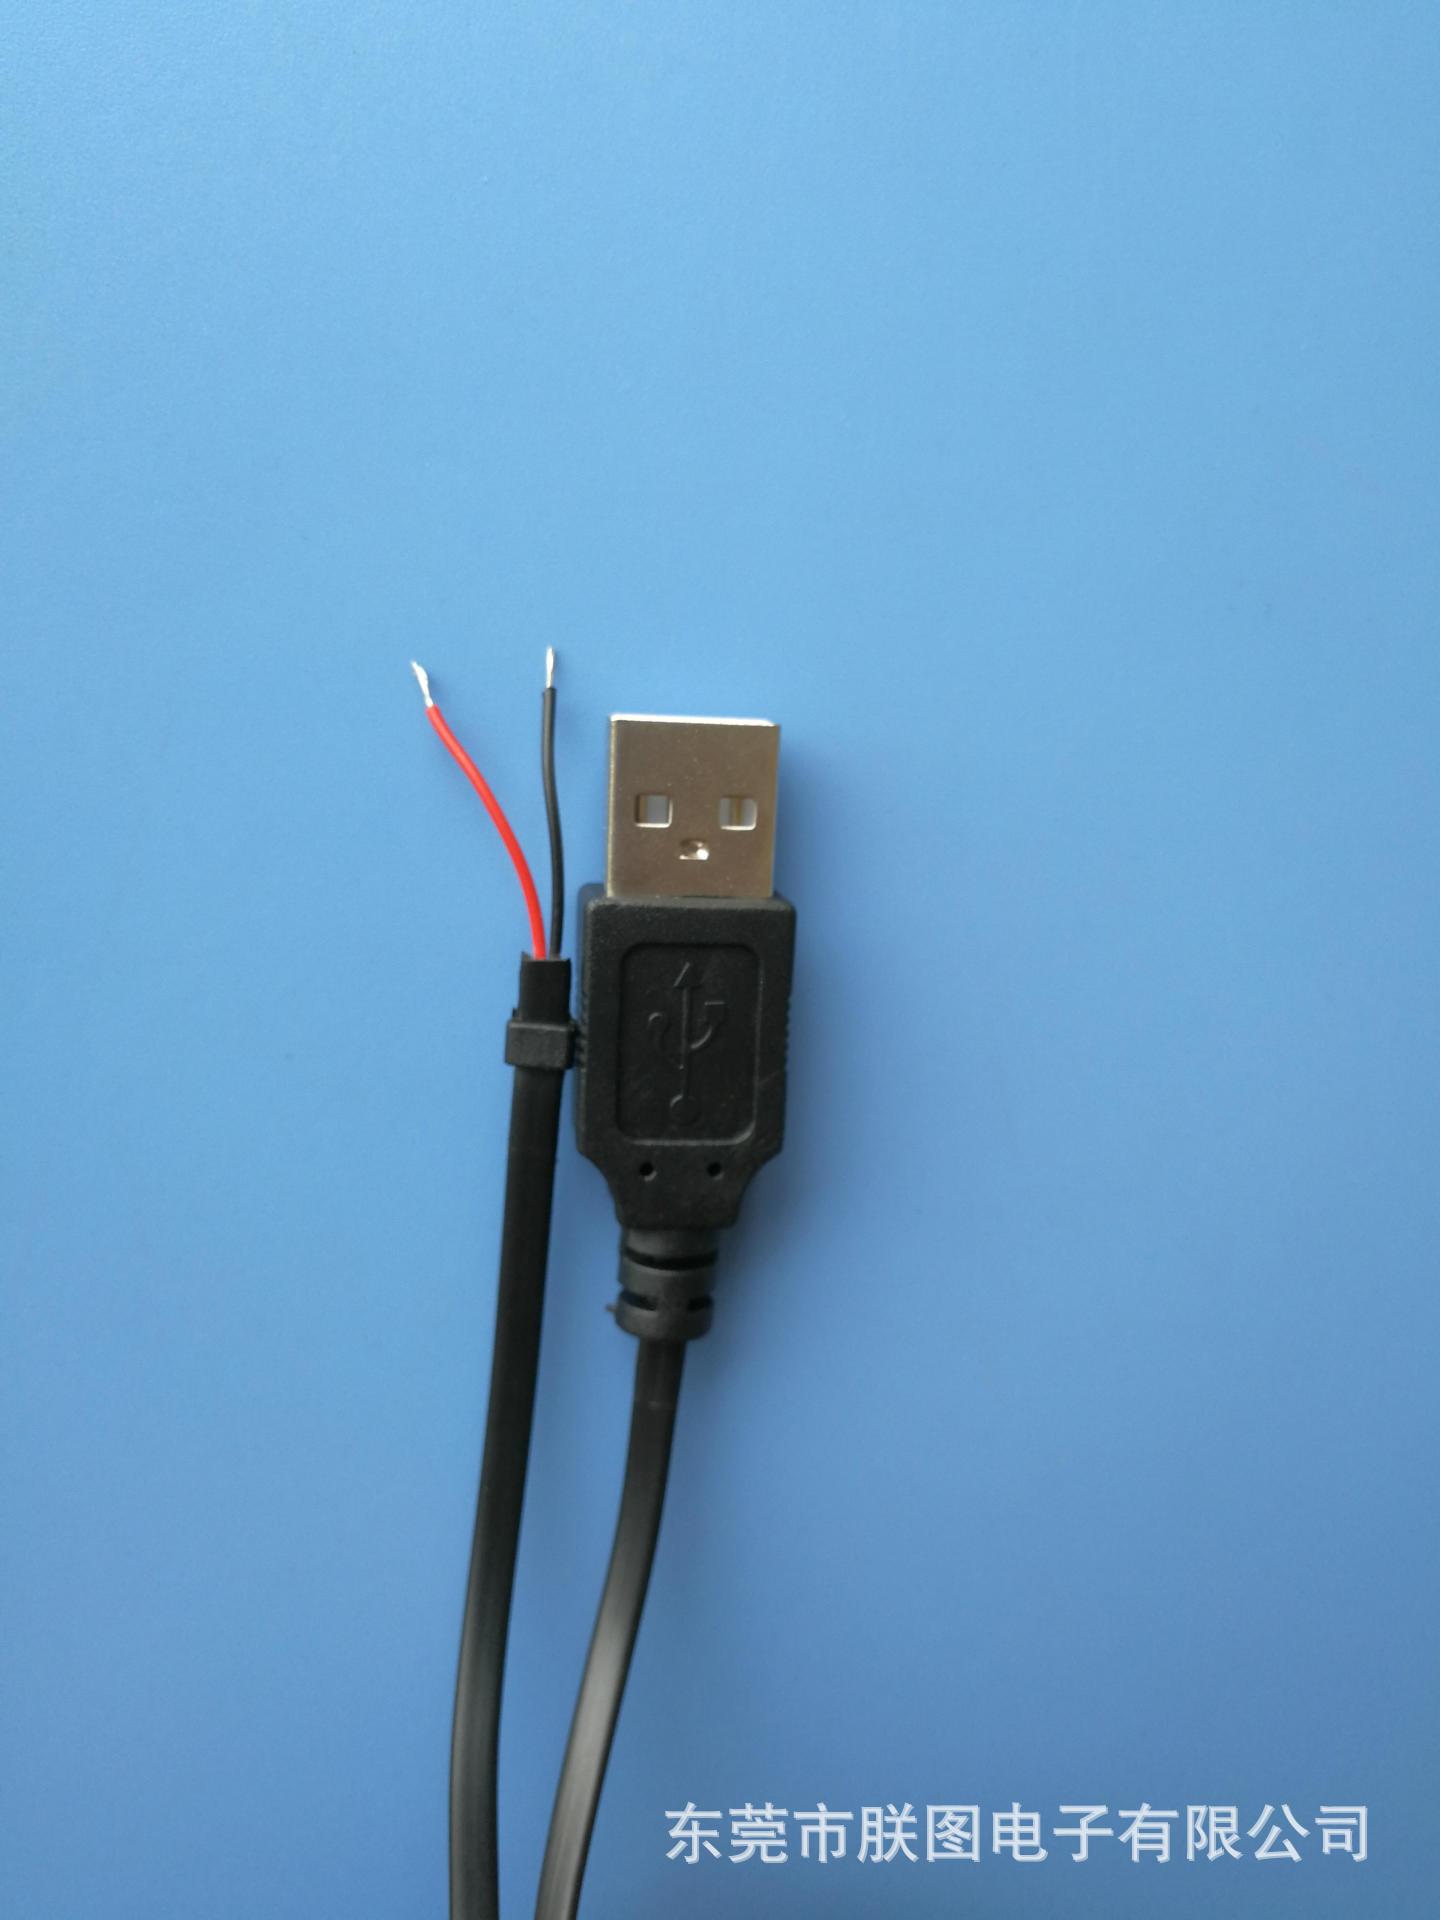 厂家直销成人情趣用品USB面条线加尾卡充电线电源连接线-